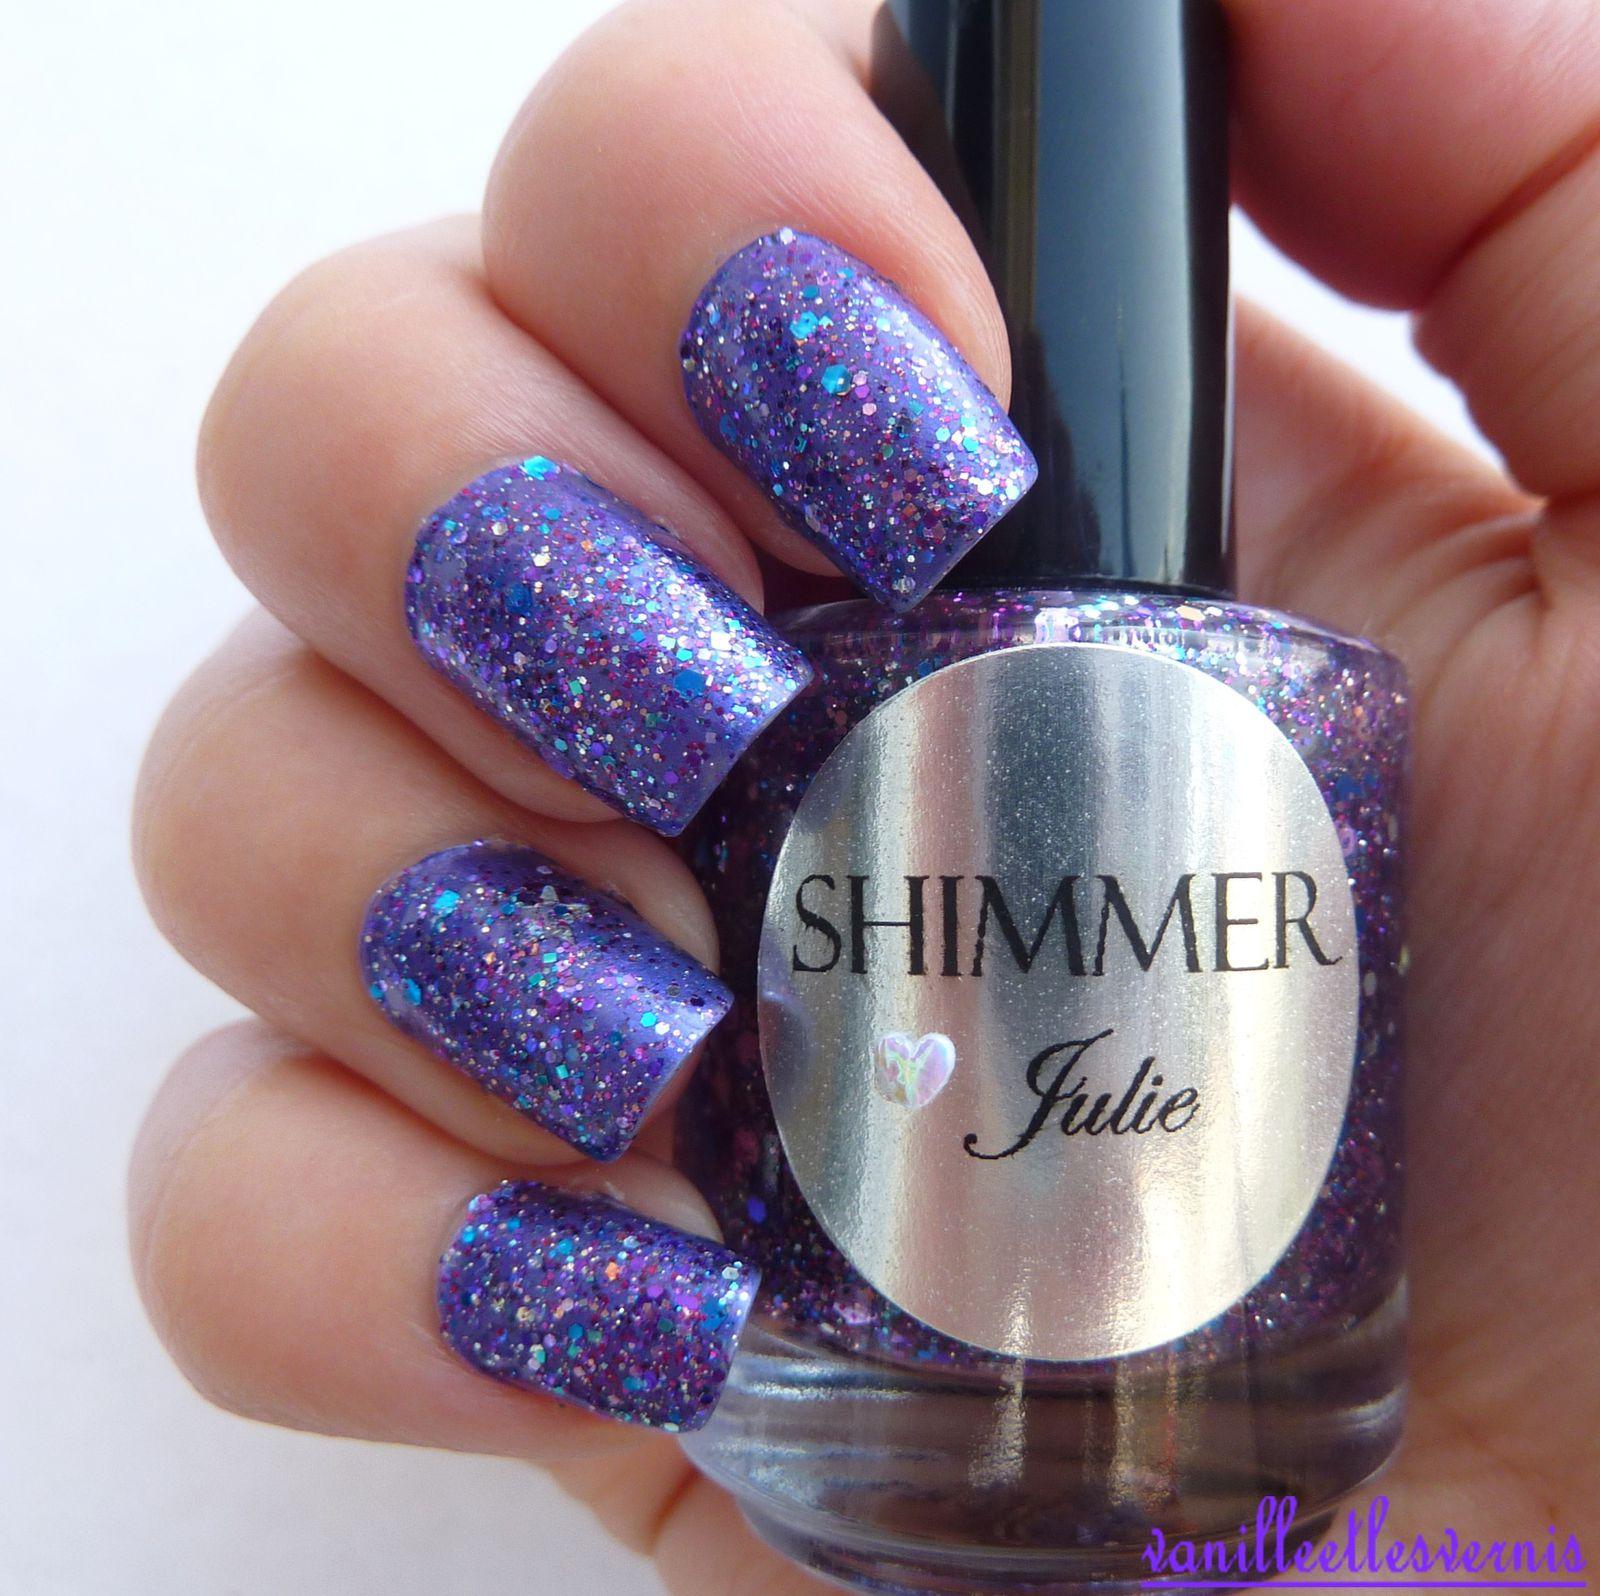 Shimmer Polish / Julie